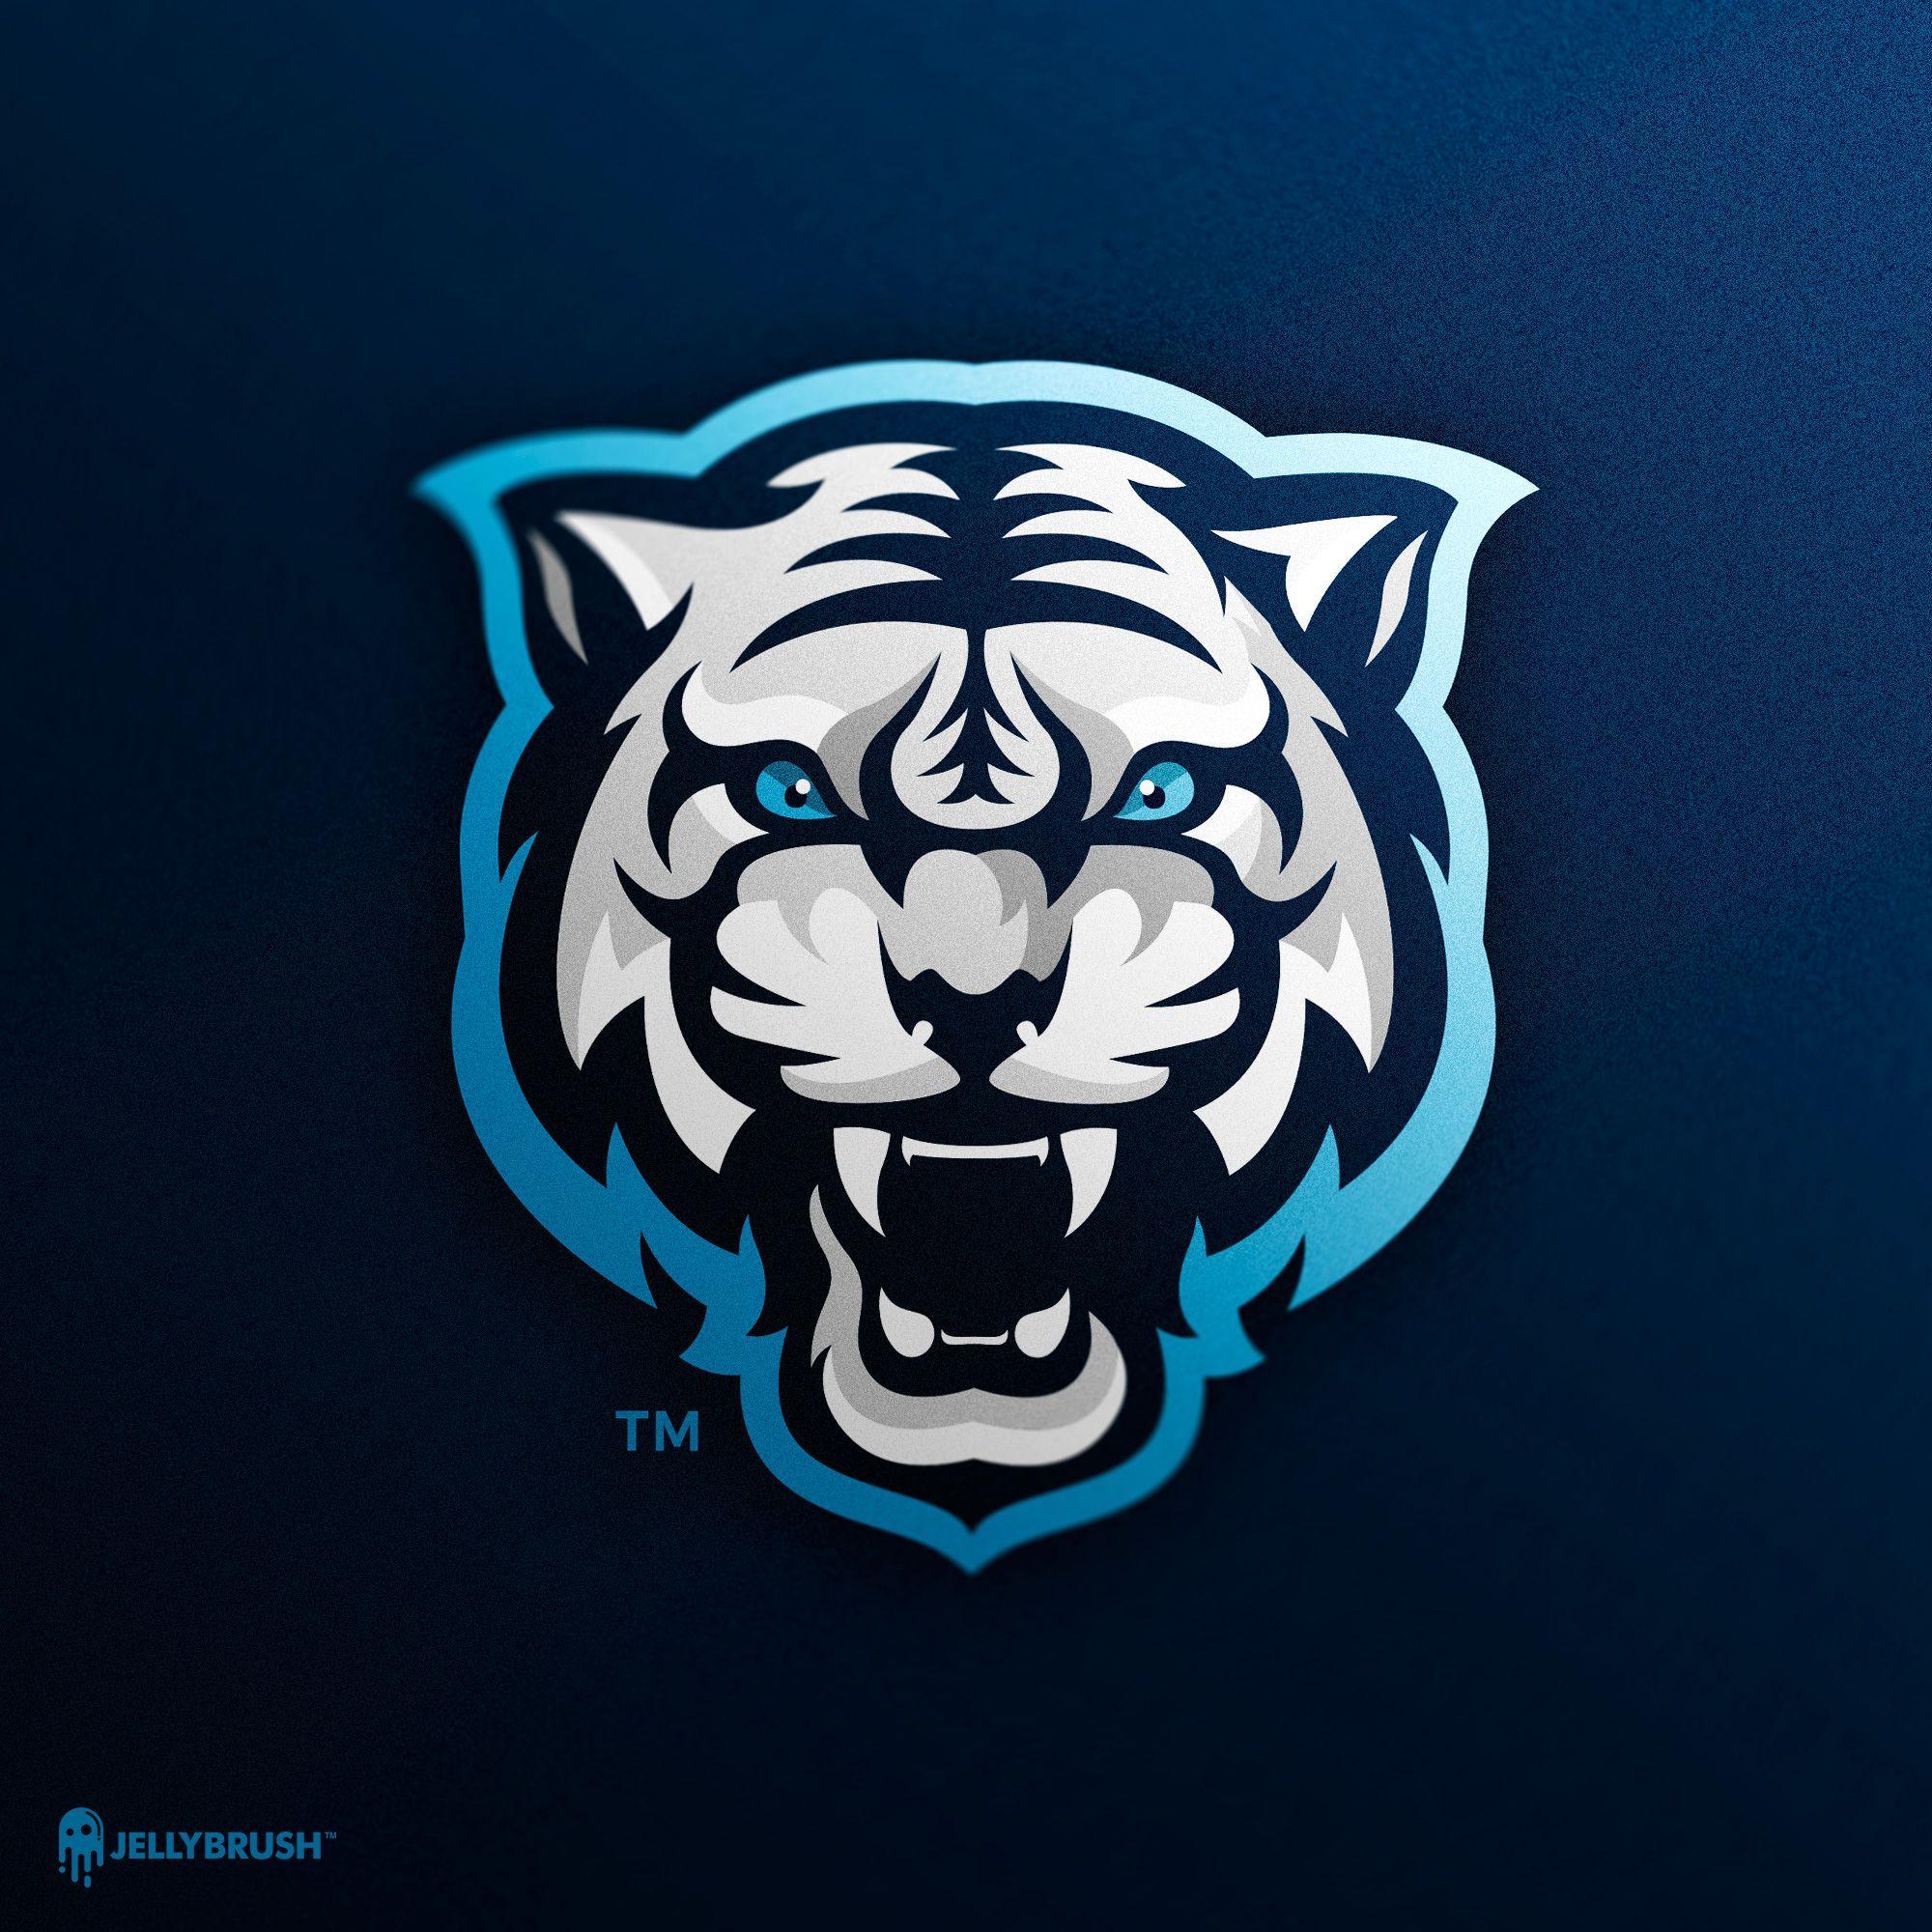 White Tiger Mascot Logo Ilustrasi Karakter Gambar Serigala Logo Keren